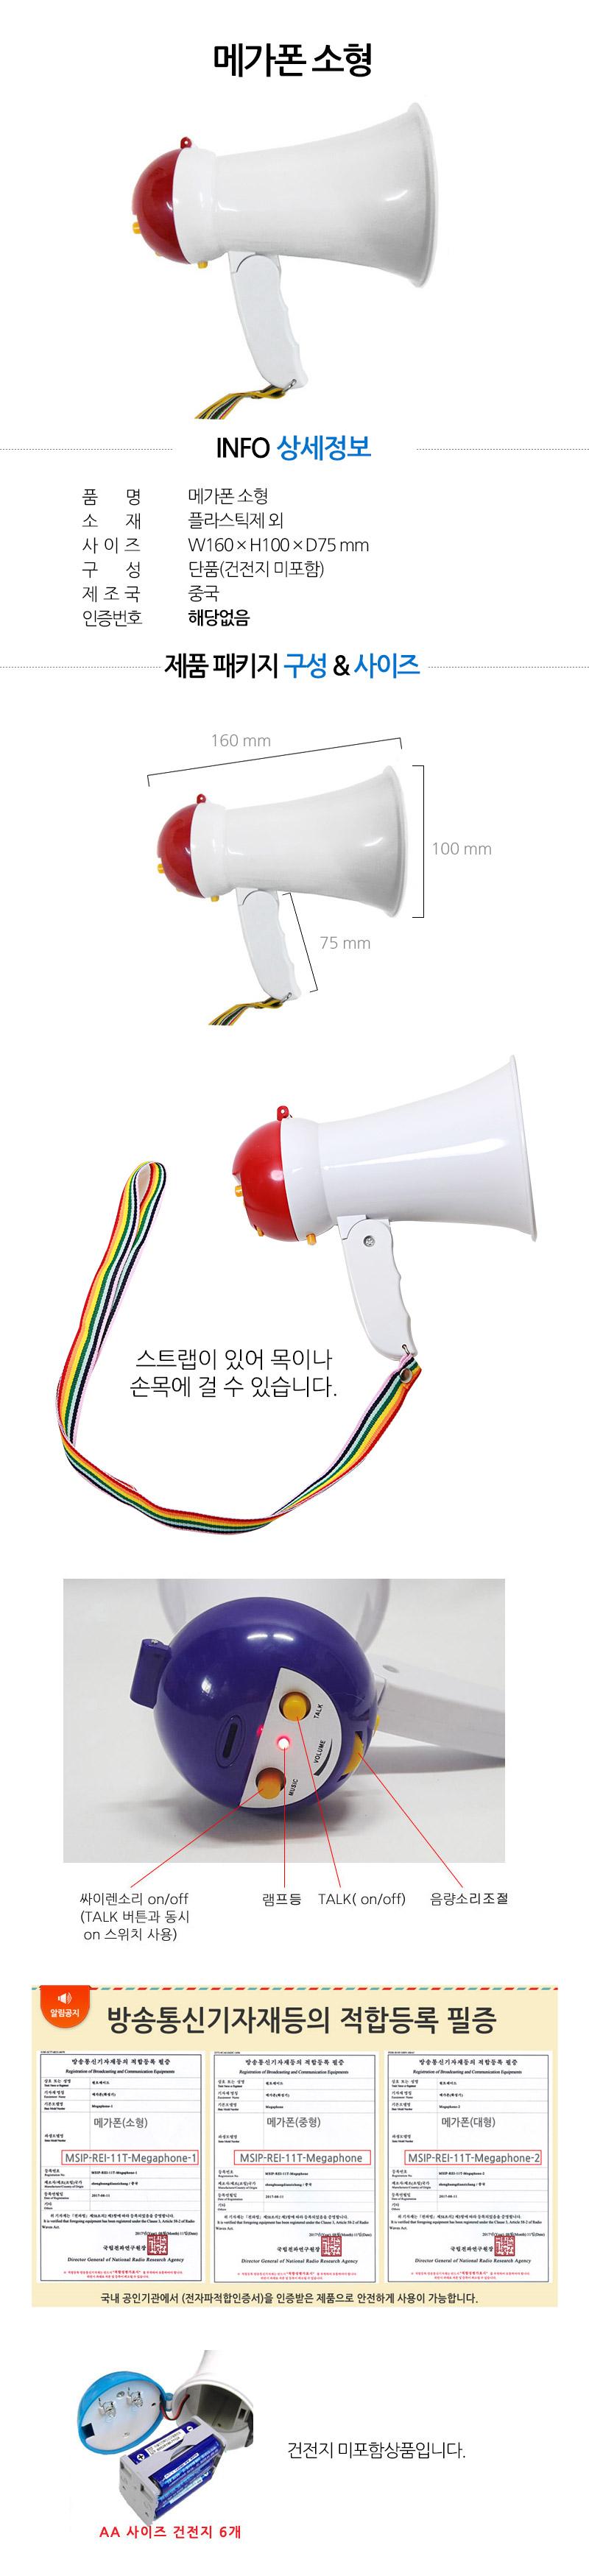 메가폰 소형 - 킹콩박스, 15,000원, 응원용품, 응원용품